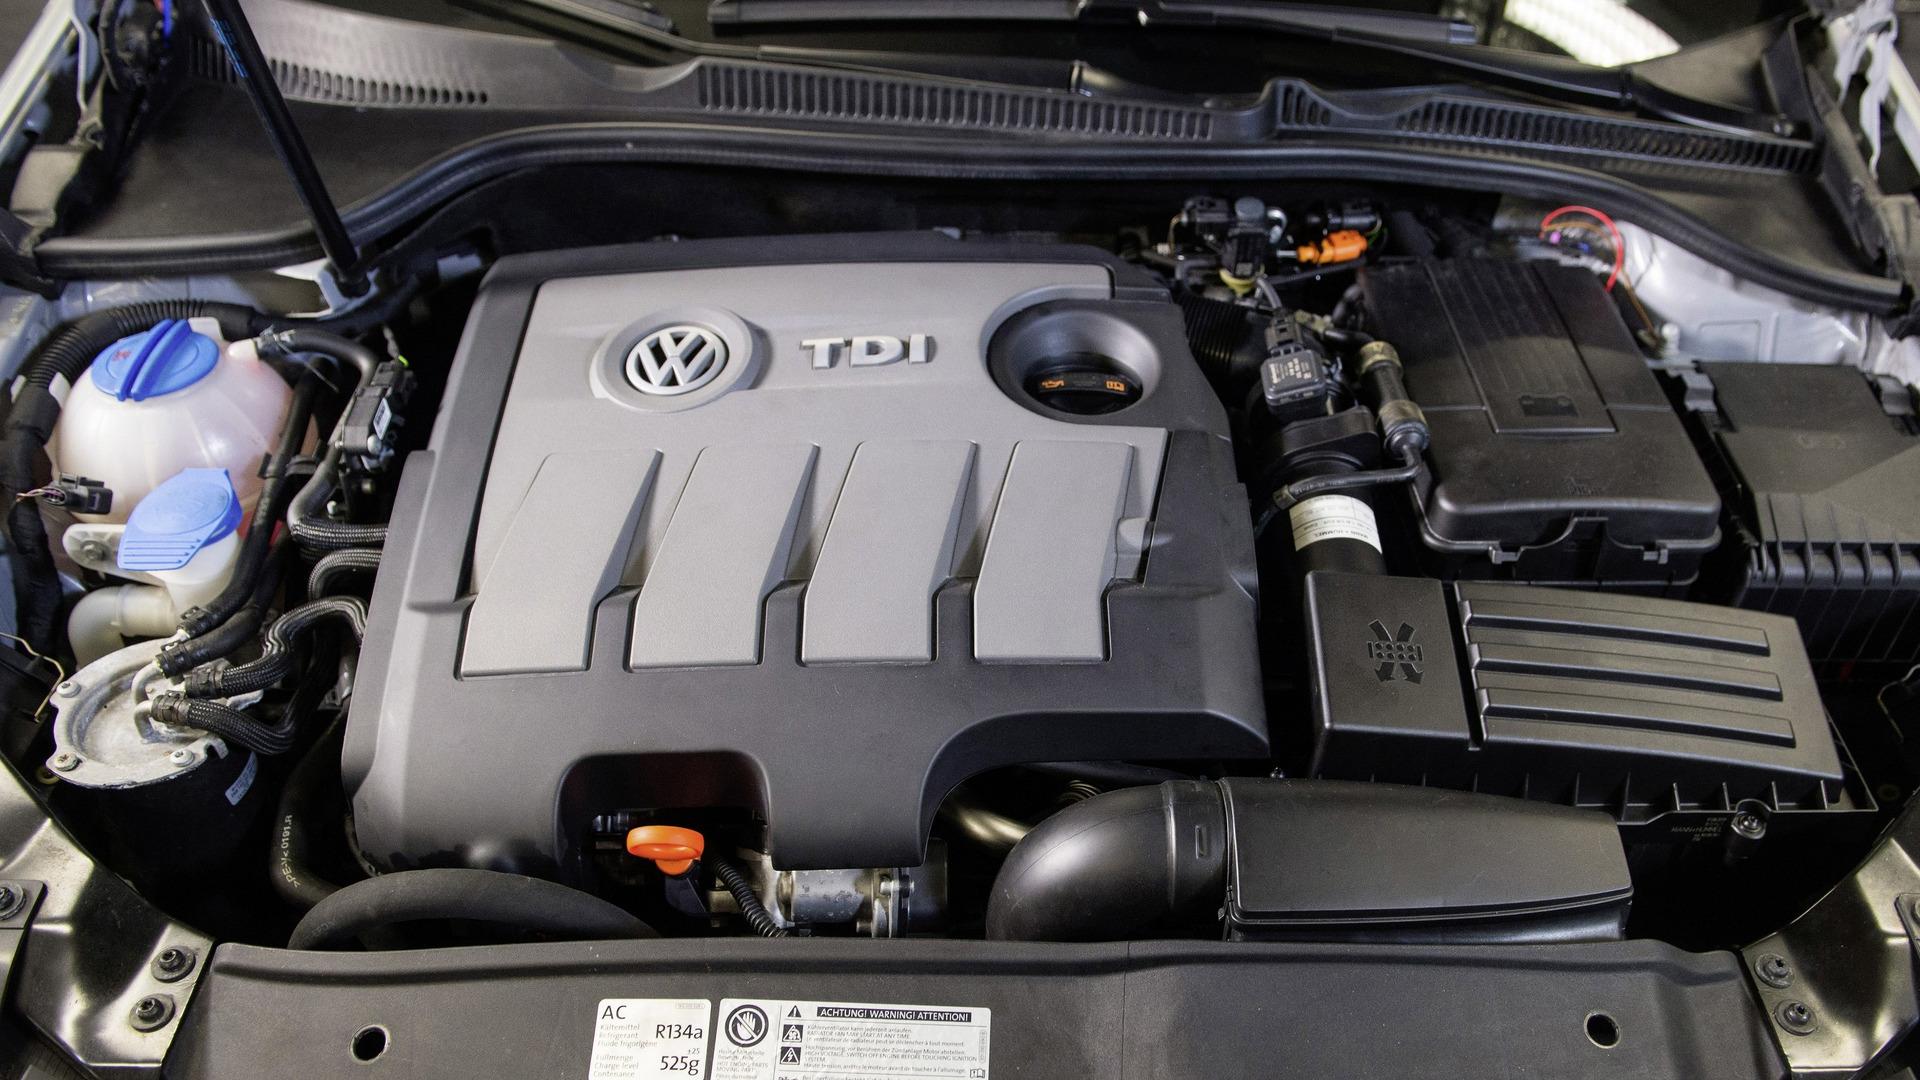 s z journey eurp diesel turbo jetta volkswagen eurotuner features jernigan engine